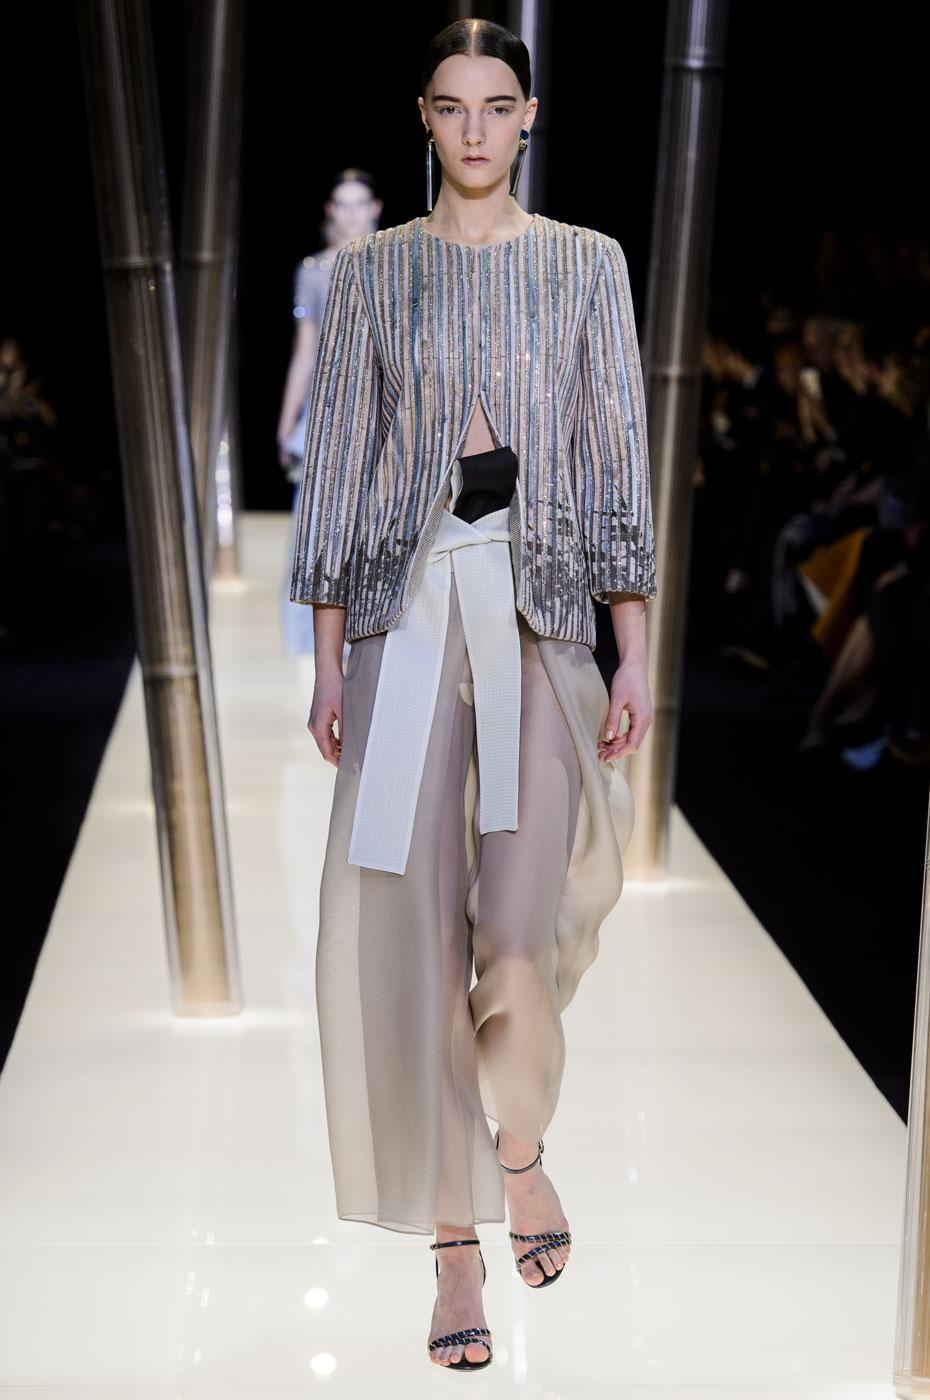 Giorgio-armani-Prive-fashion-runway-show-haute-couture-paris-spring-2015-the-impression-067